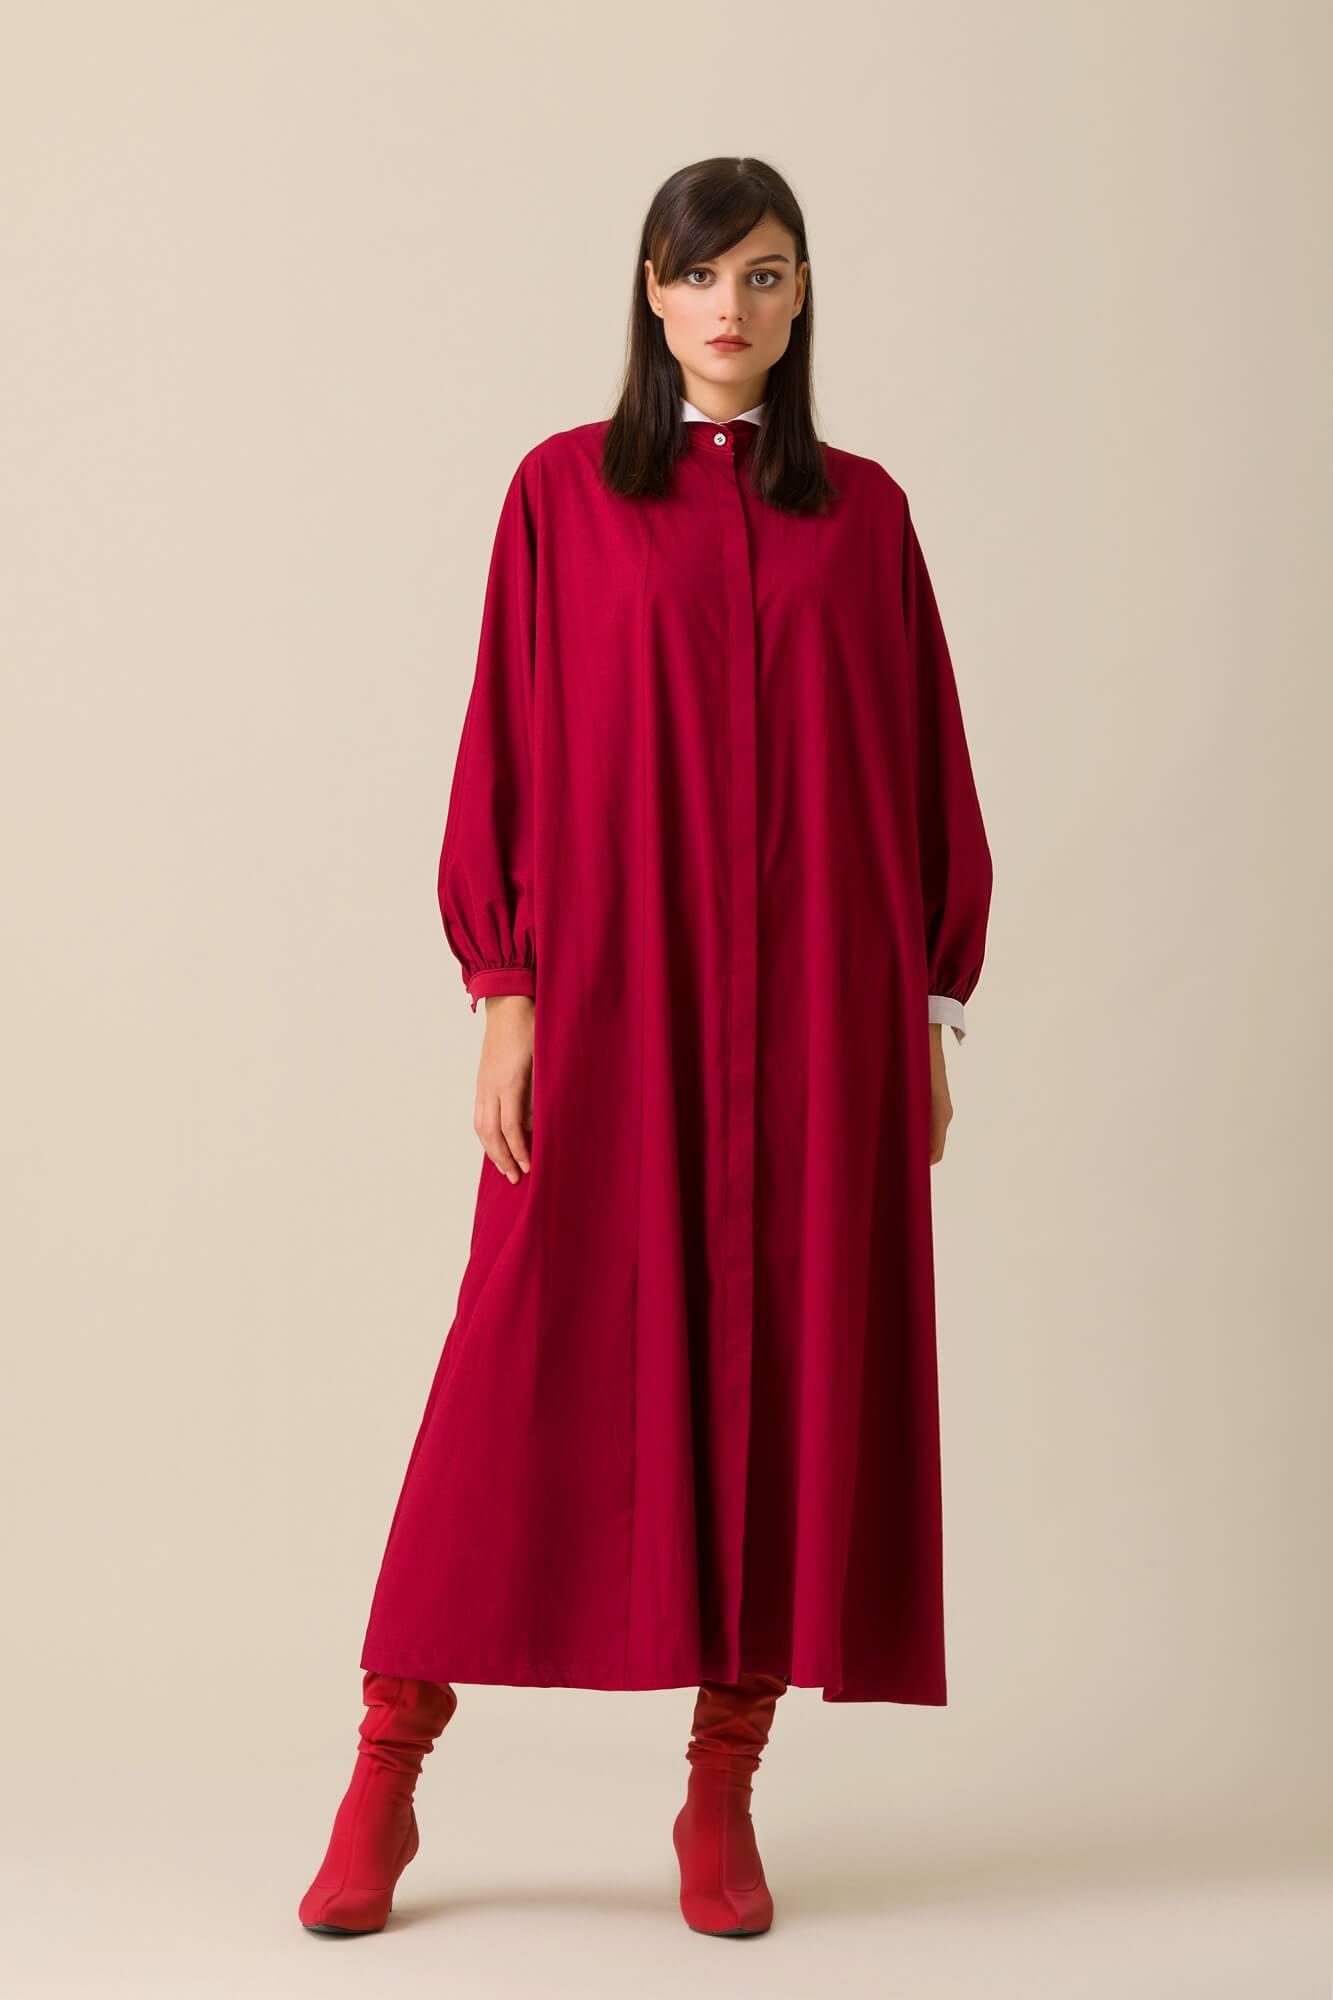 10ed973d669c6 Kışlık Uzun Elbiseler - Kuaybegider.com